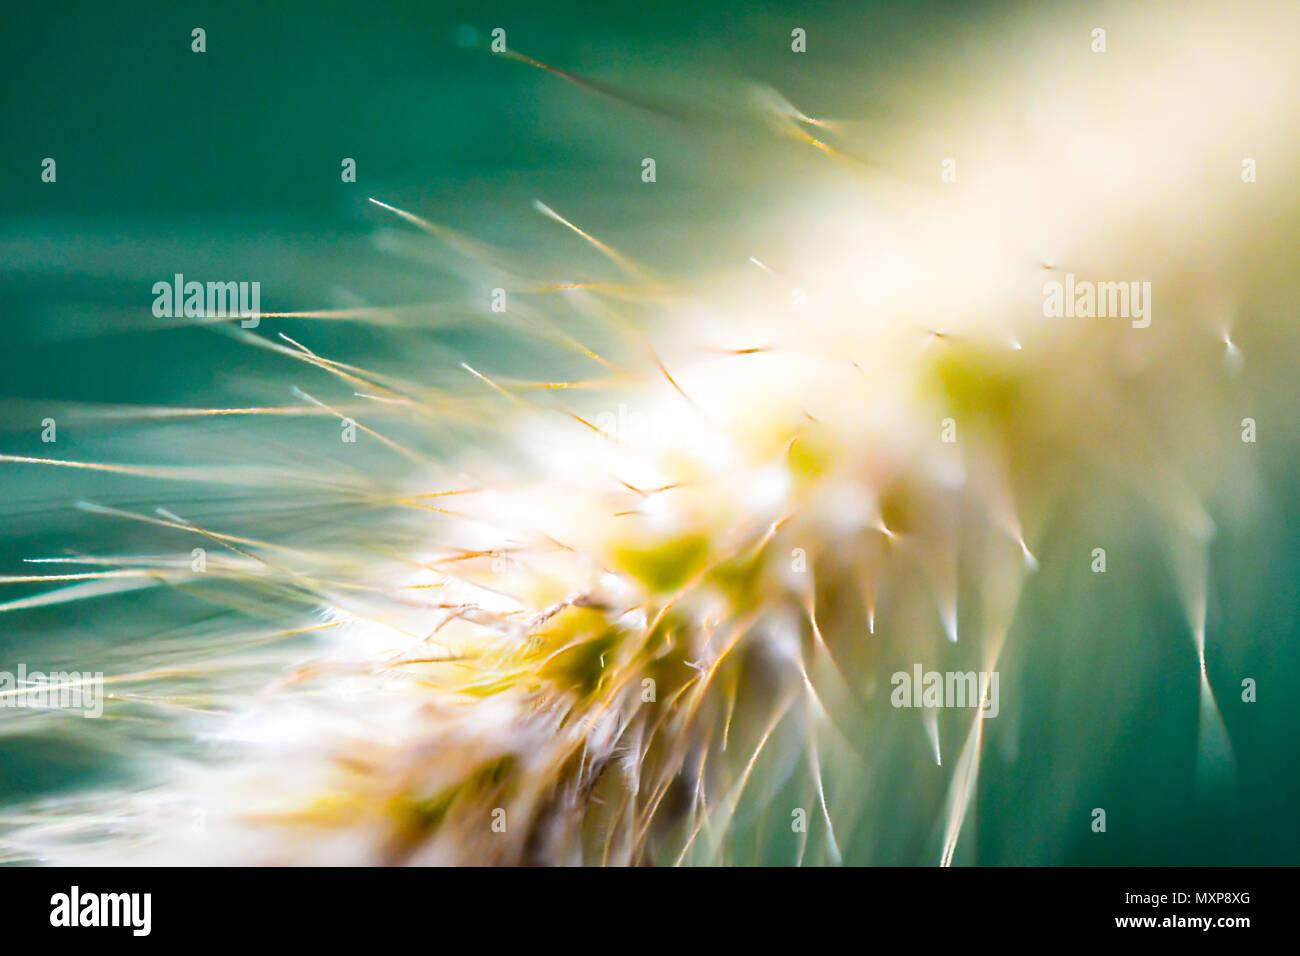 Brunnen Gras, Sumpf Foxtail Grass, Sumpf Foxtail, Chinesisch Pennisetum Stockbild